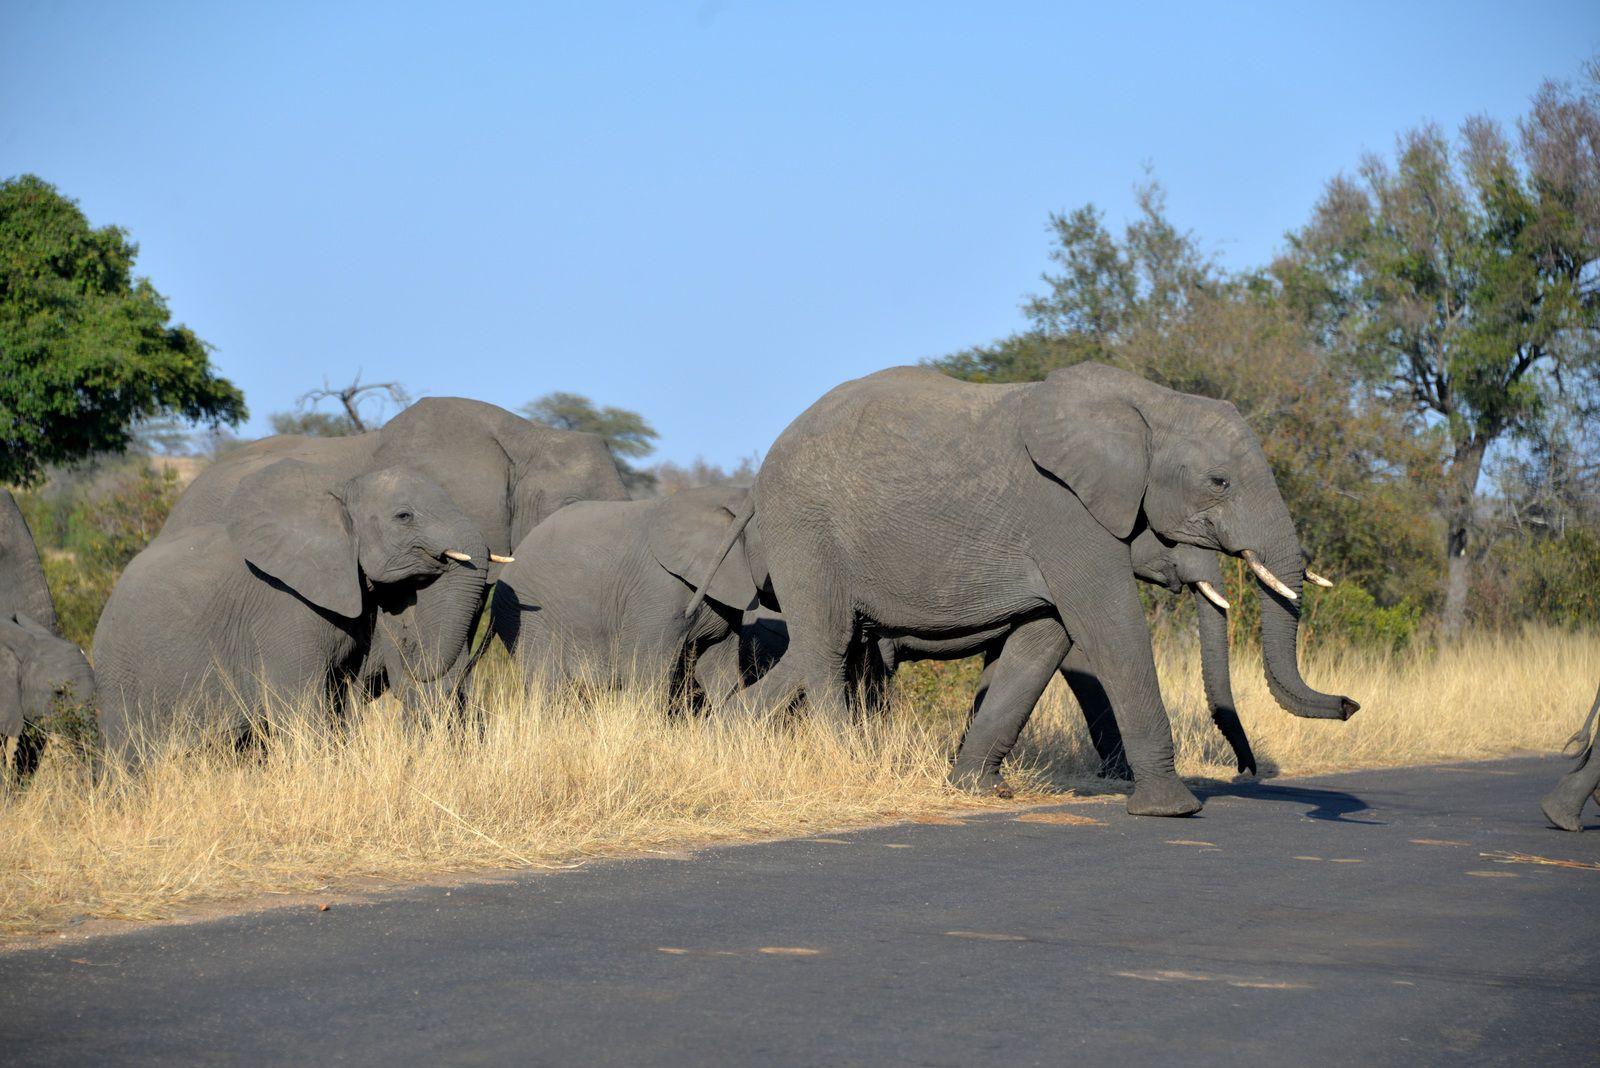 Afrique du Sud / 6 / il est 08h53, nous sommes le 15 Novembre 2020